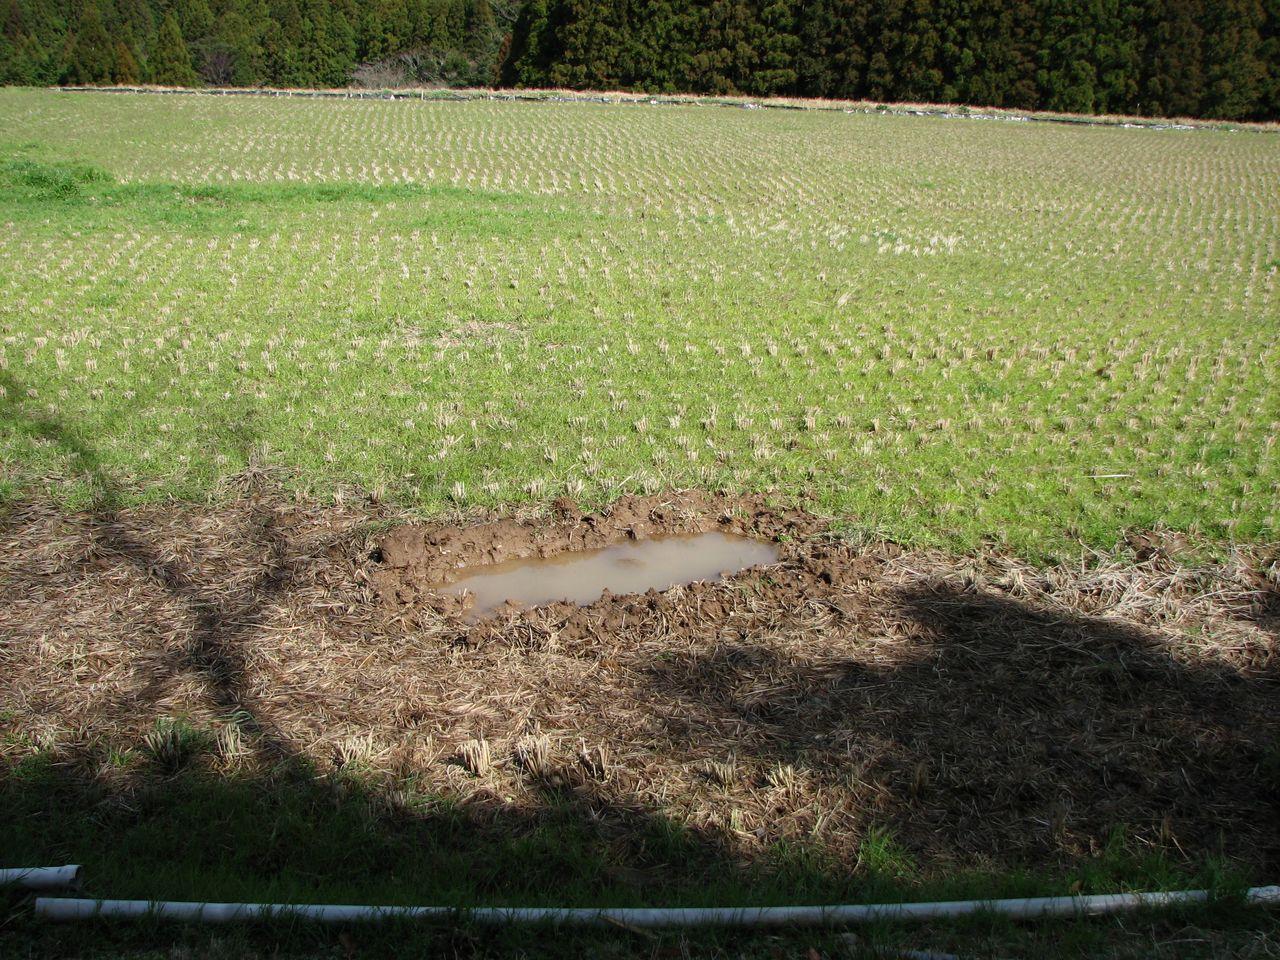 Следы купания кабанов на рисовом поле. Помимо риска столкновения с человеком это создаёт условия для заражения лептоспирозом (фото автора)